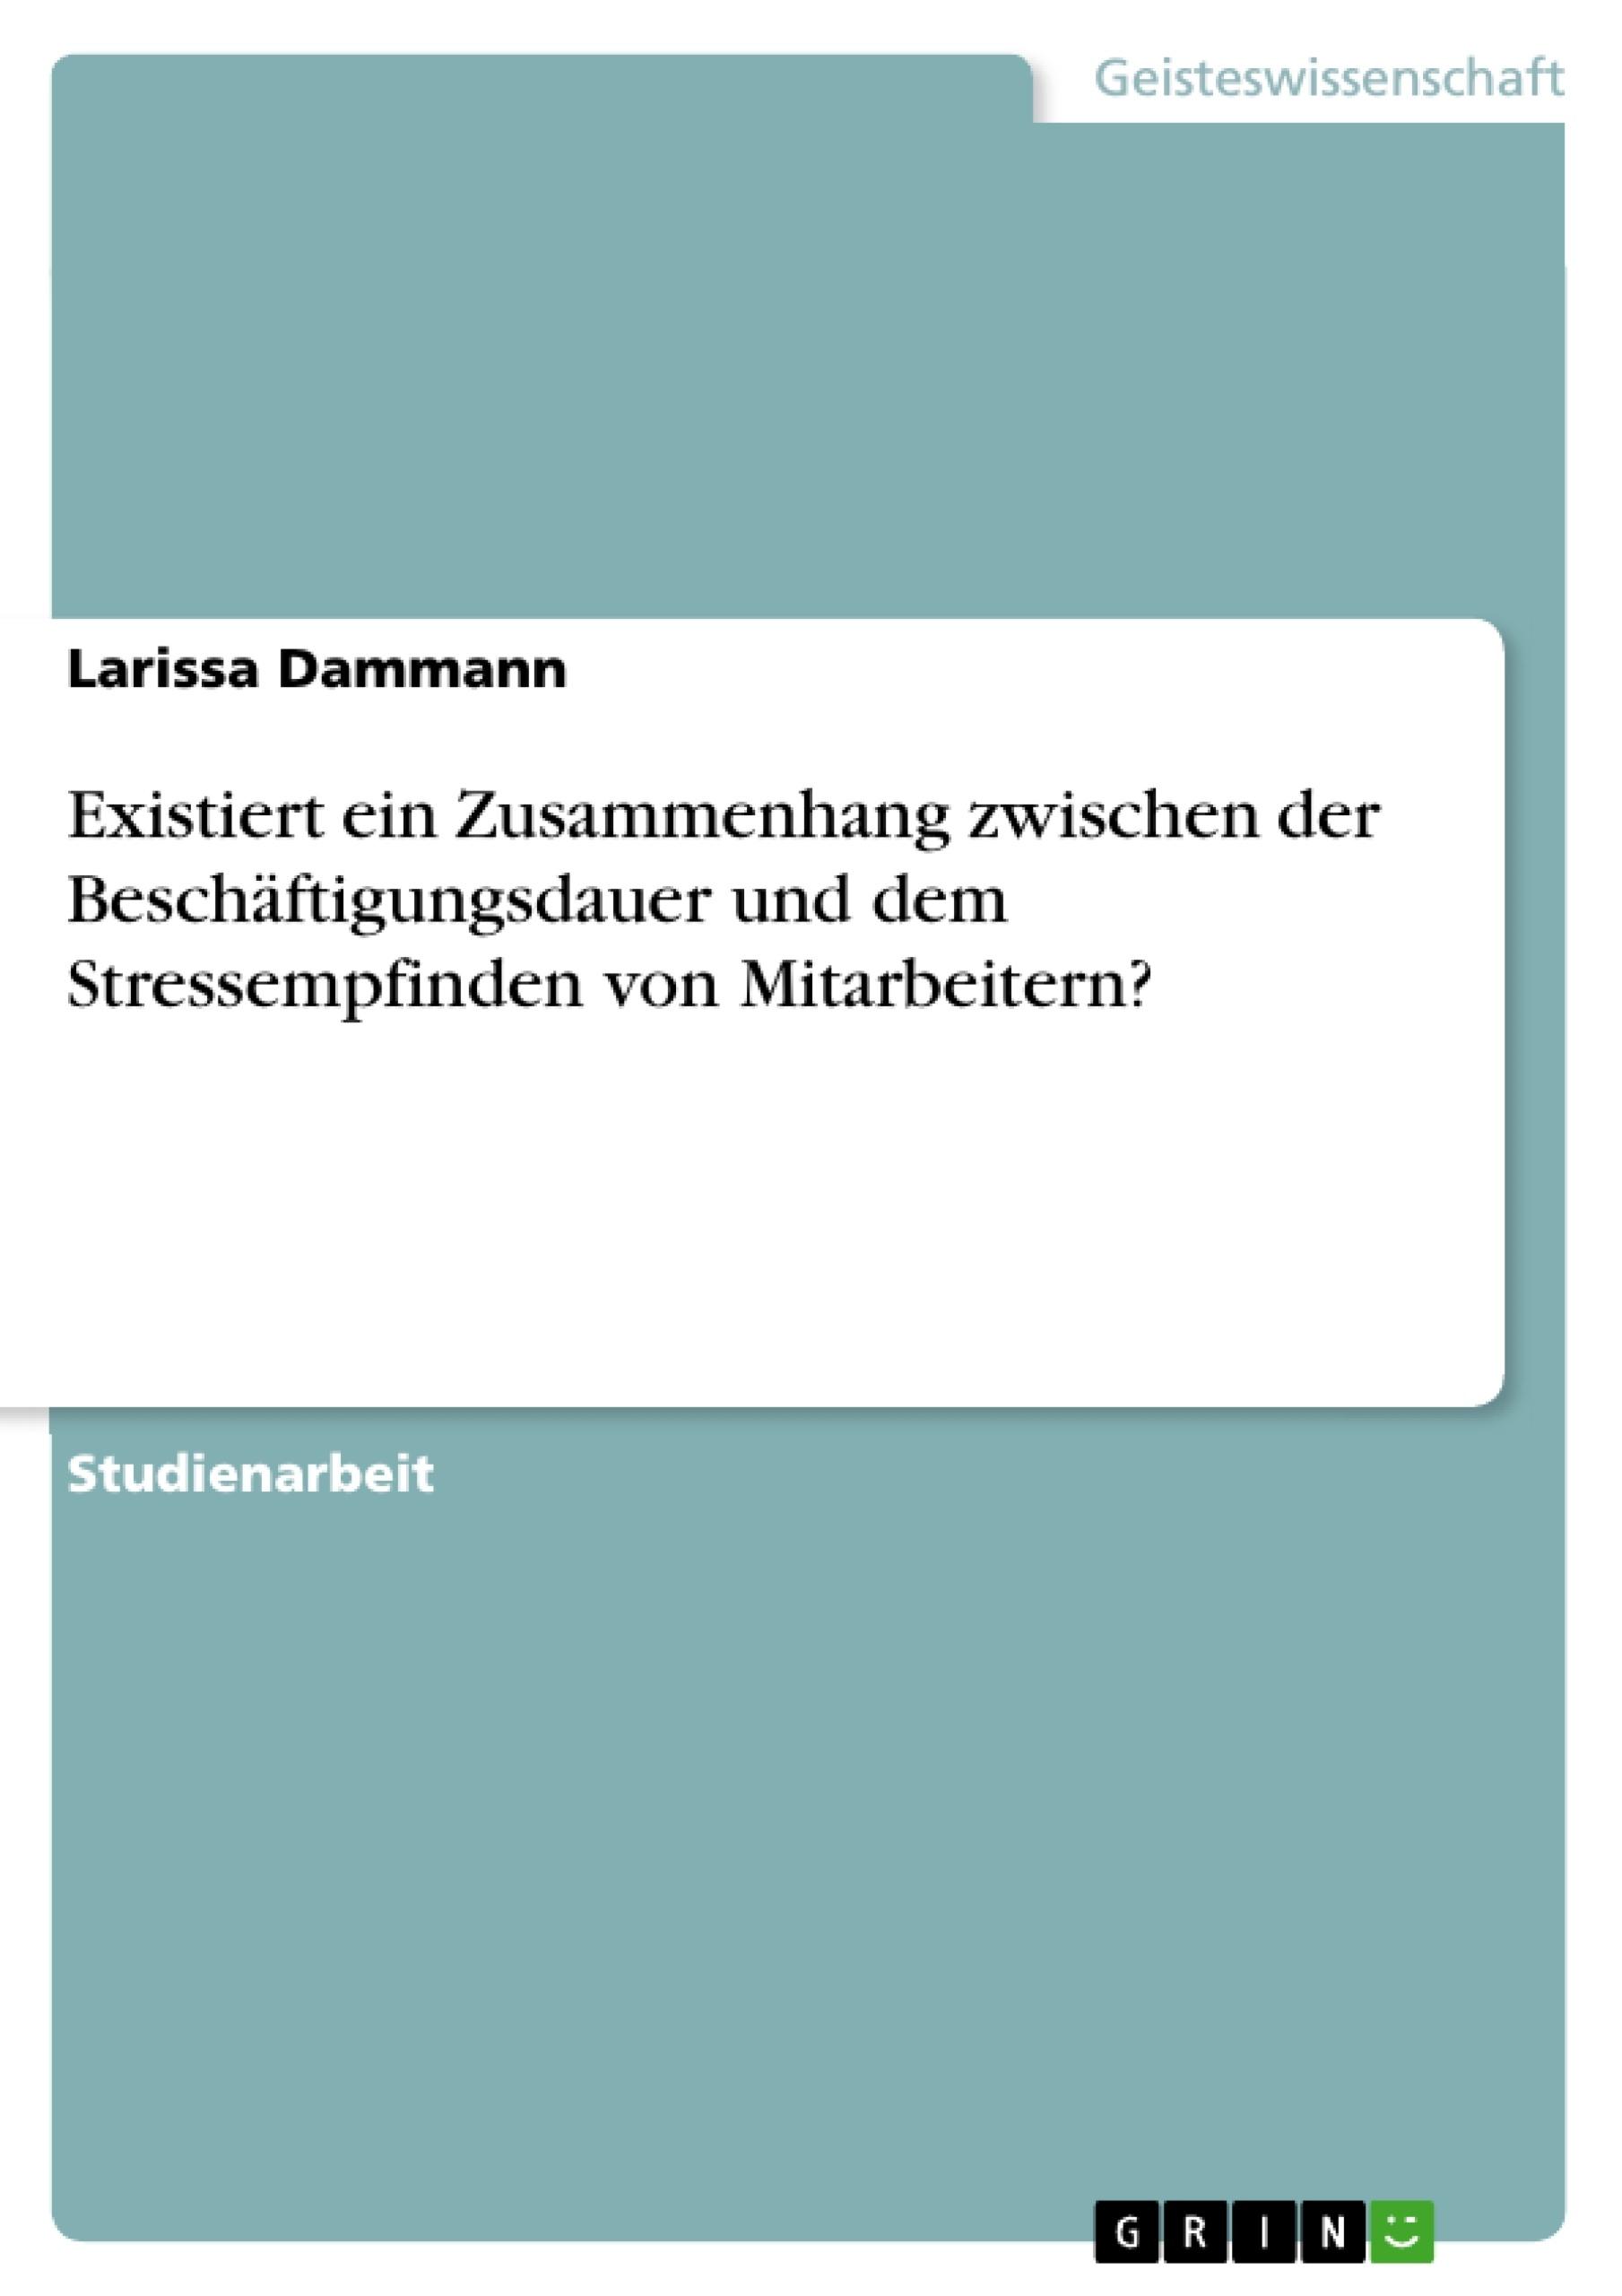 Titel: Existiert ein Zusammenhang zwischen der Beschäftigungsdauer und dem Stressempfinden von Mitarbeitern?